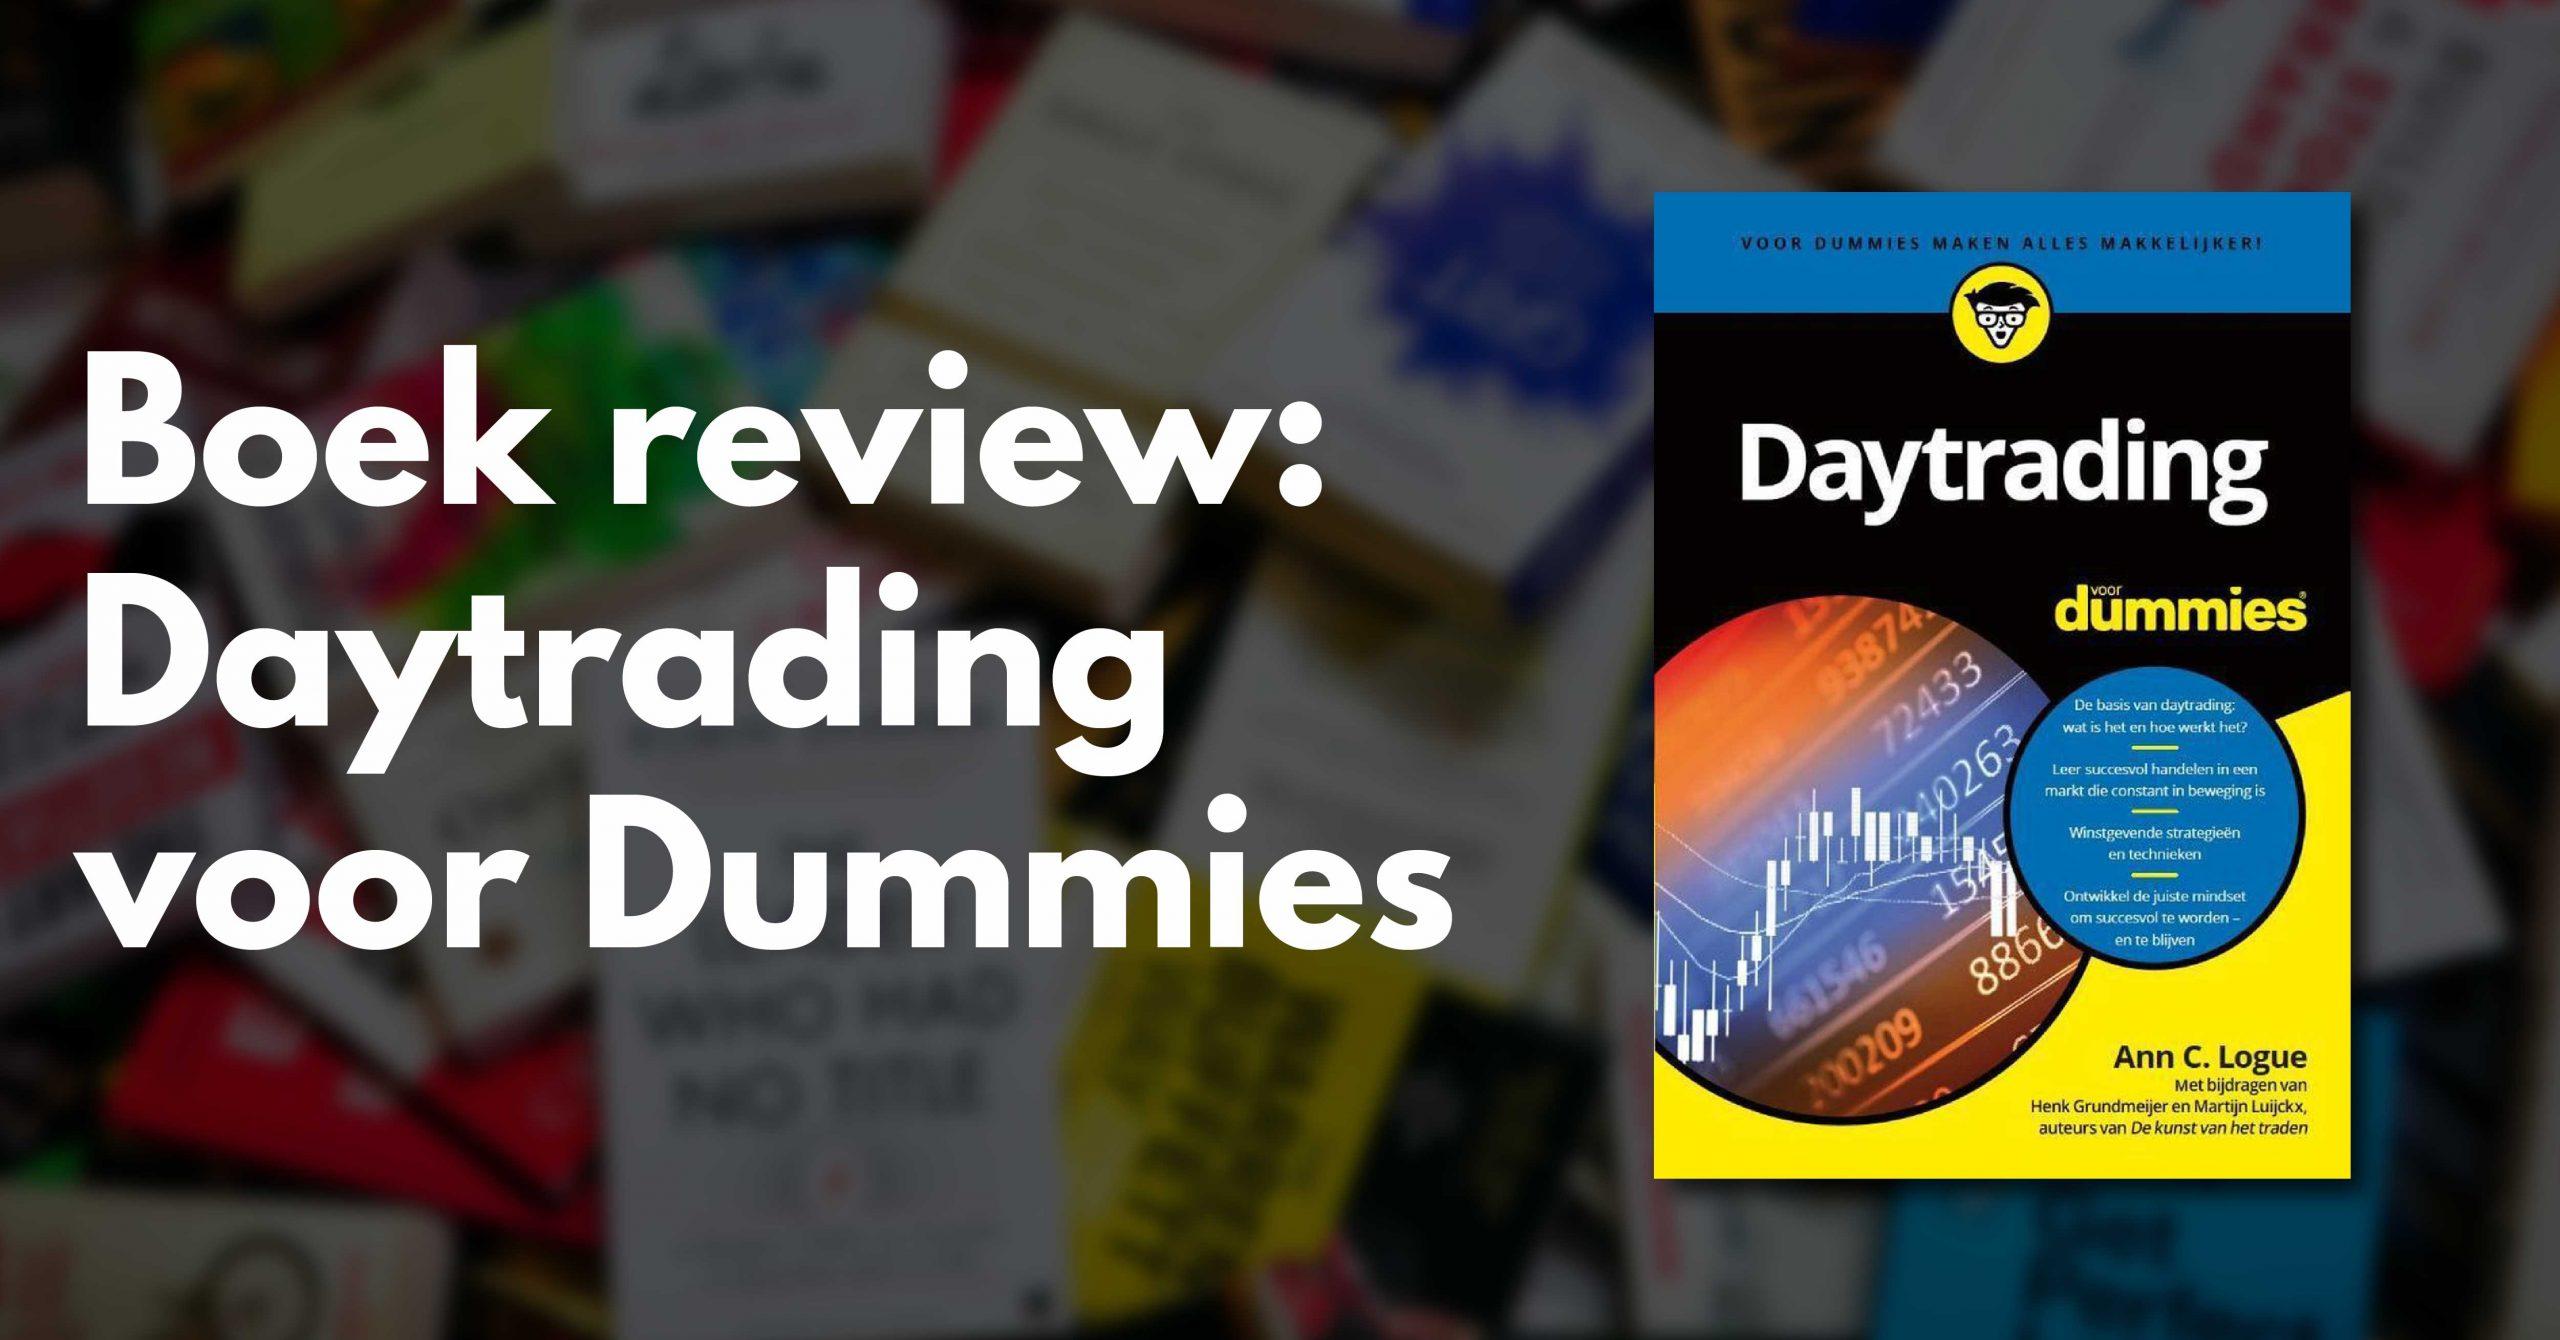 Daytrading voor dummies review en ervaringen